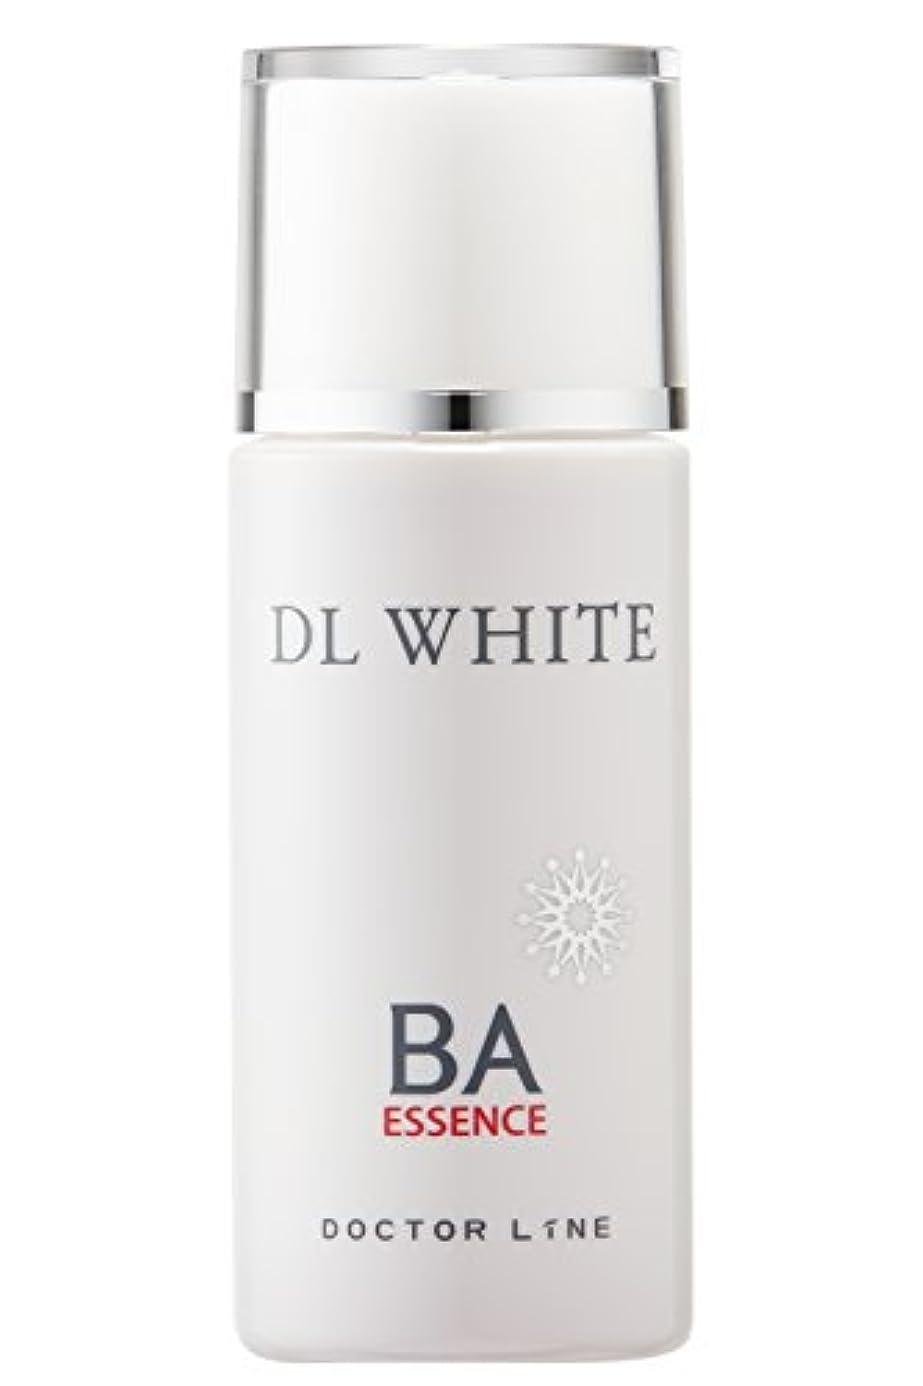 ドクターライン(Doctor Line) DLホワイト BAエッセンス